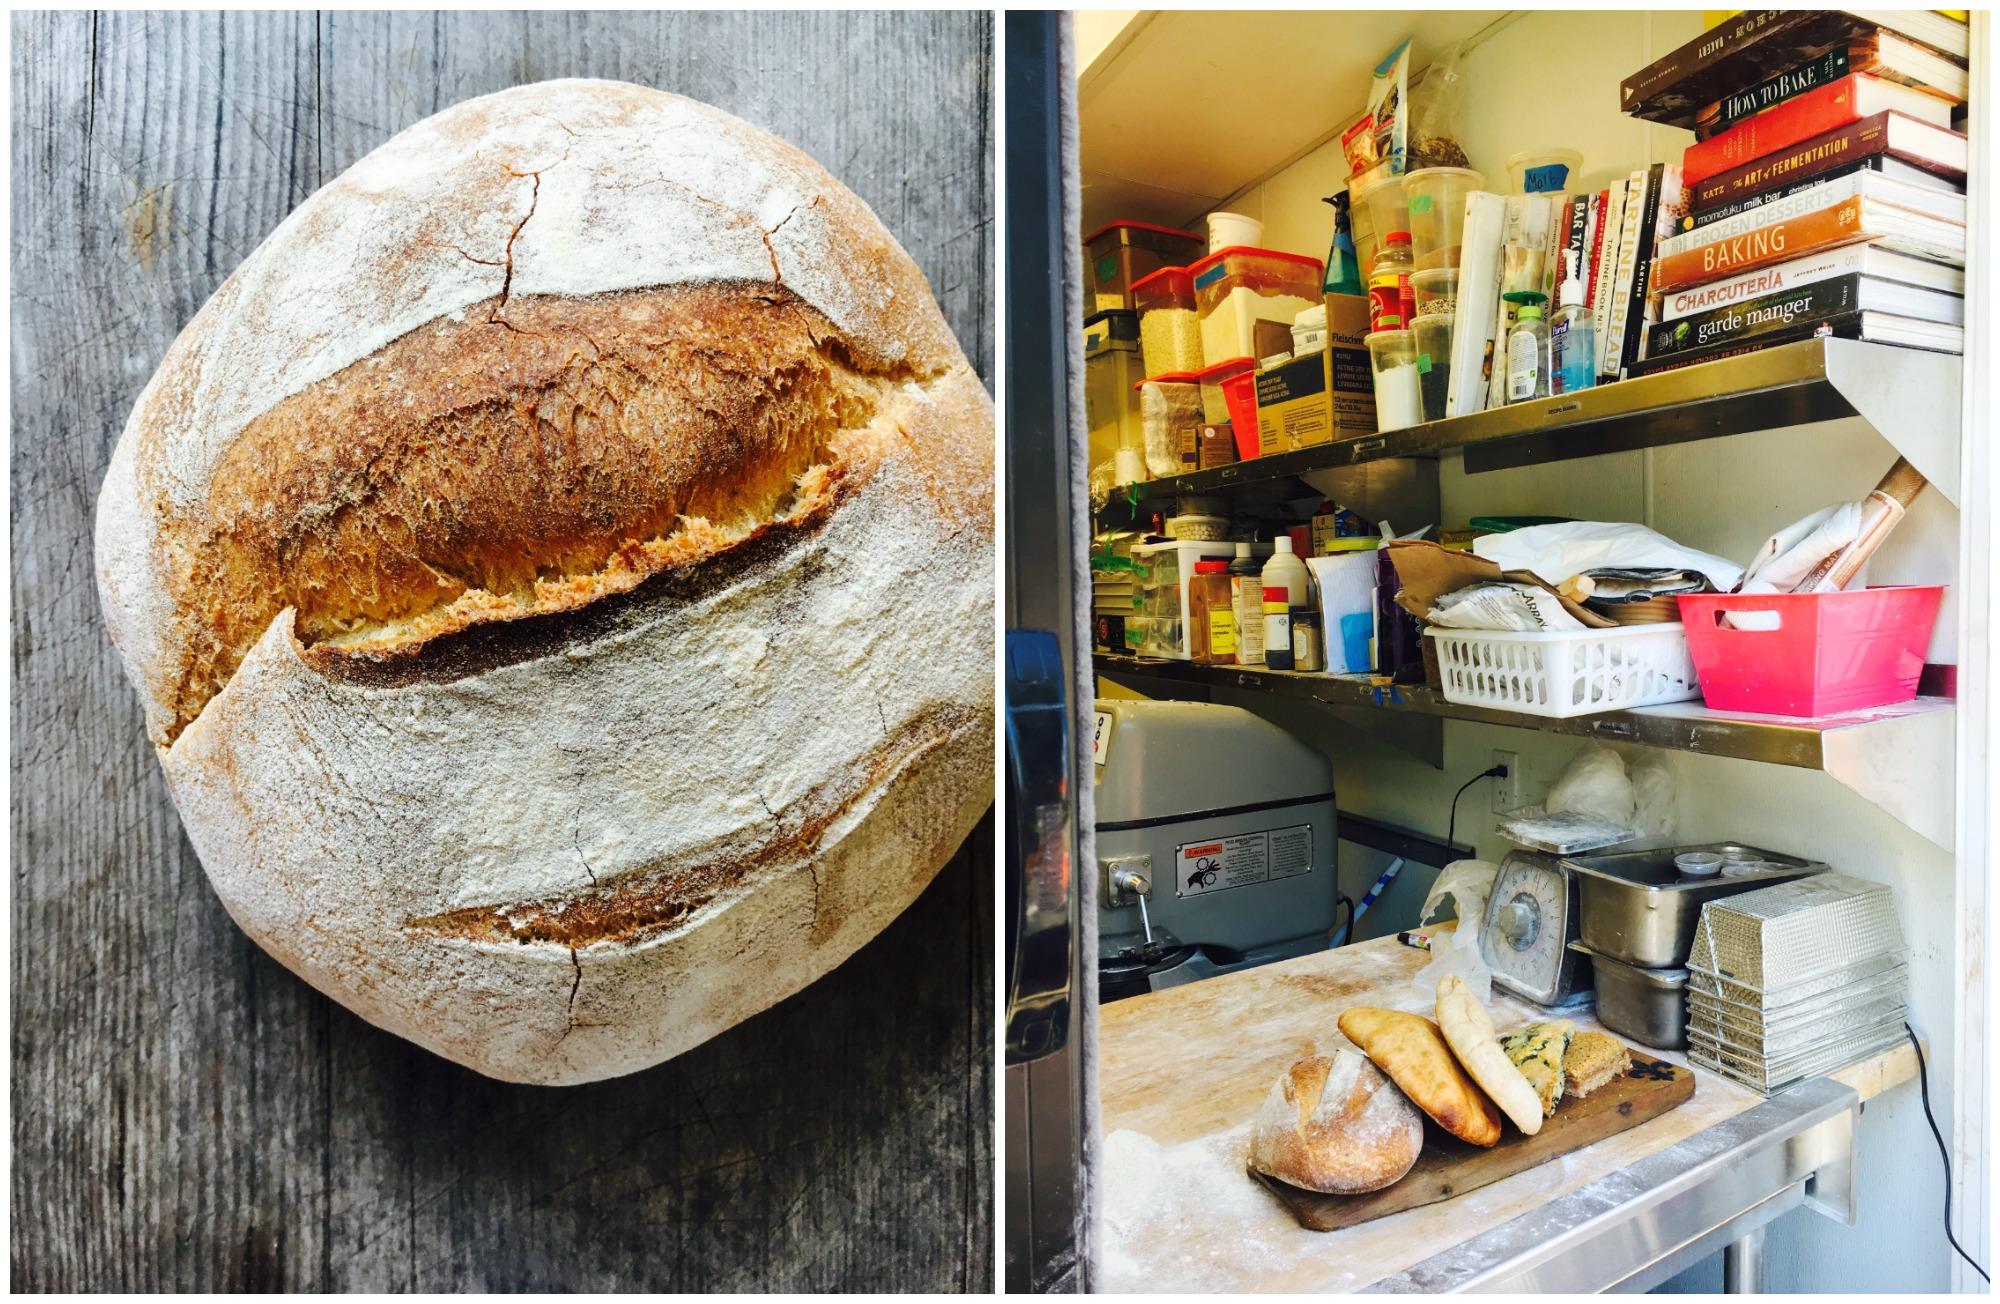 Chartier bread window